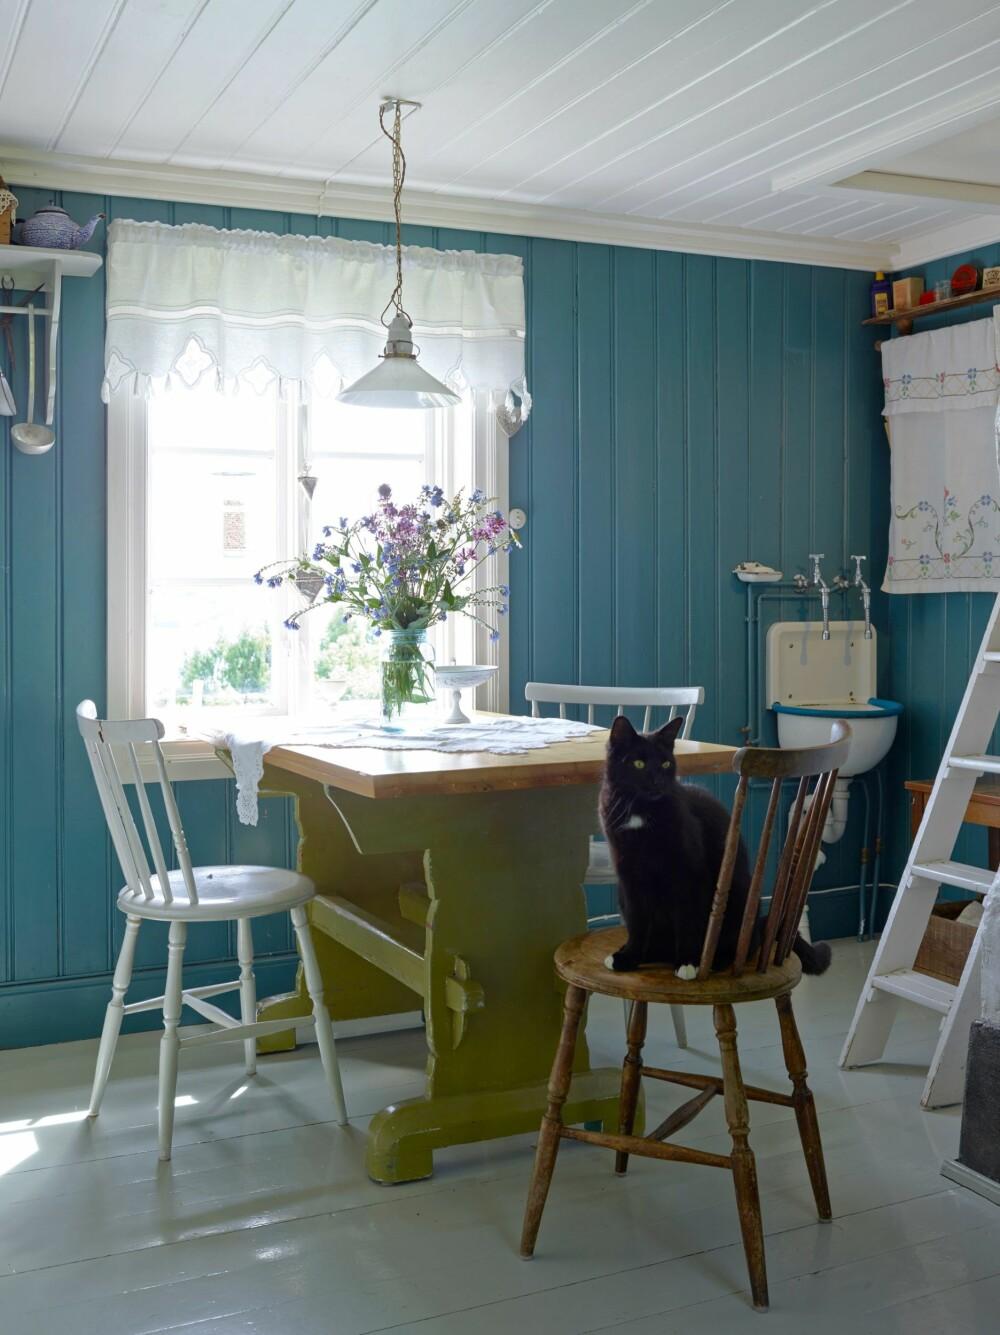 MORGENSTUND: Ved kjøkkenbordet nytes morgenkaffen med utsikt  over Mjøsa. Til høyre er stigen som går opp til soverommet på hemsen.